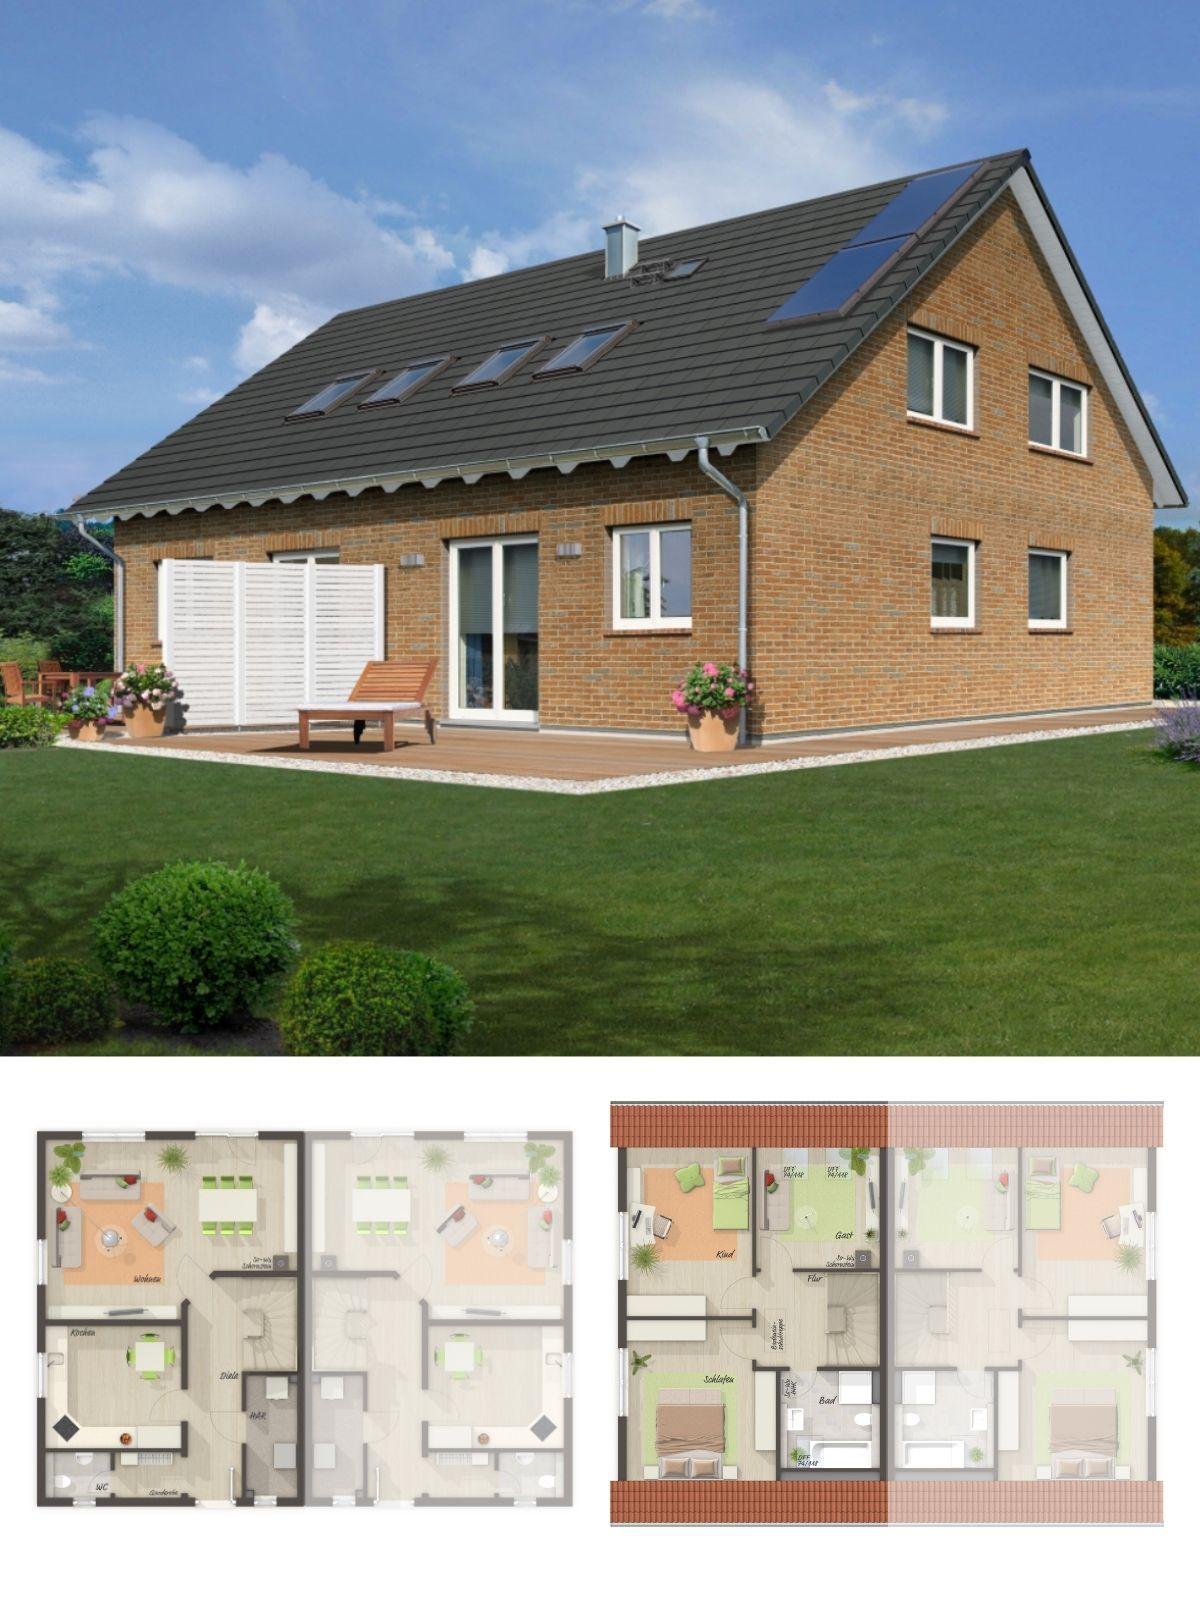 Doppelhaus Klassisch Mit Klinker Fassade Satteldach Architektur Im